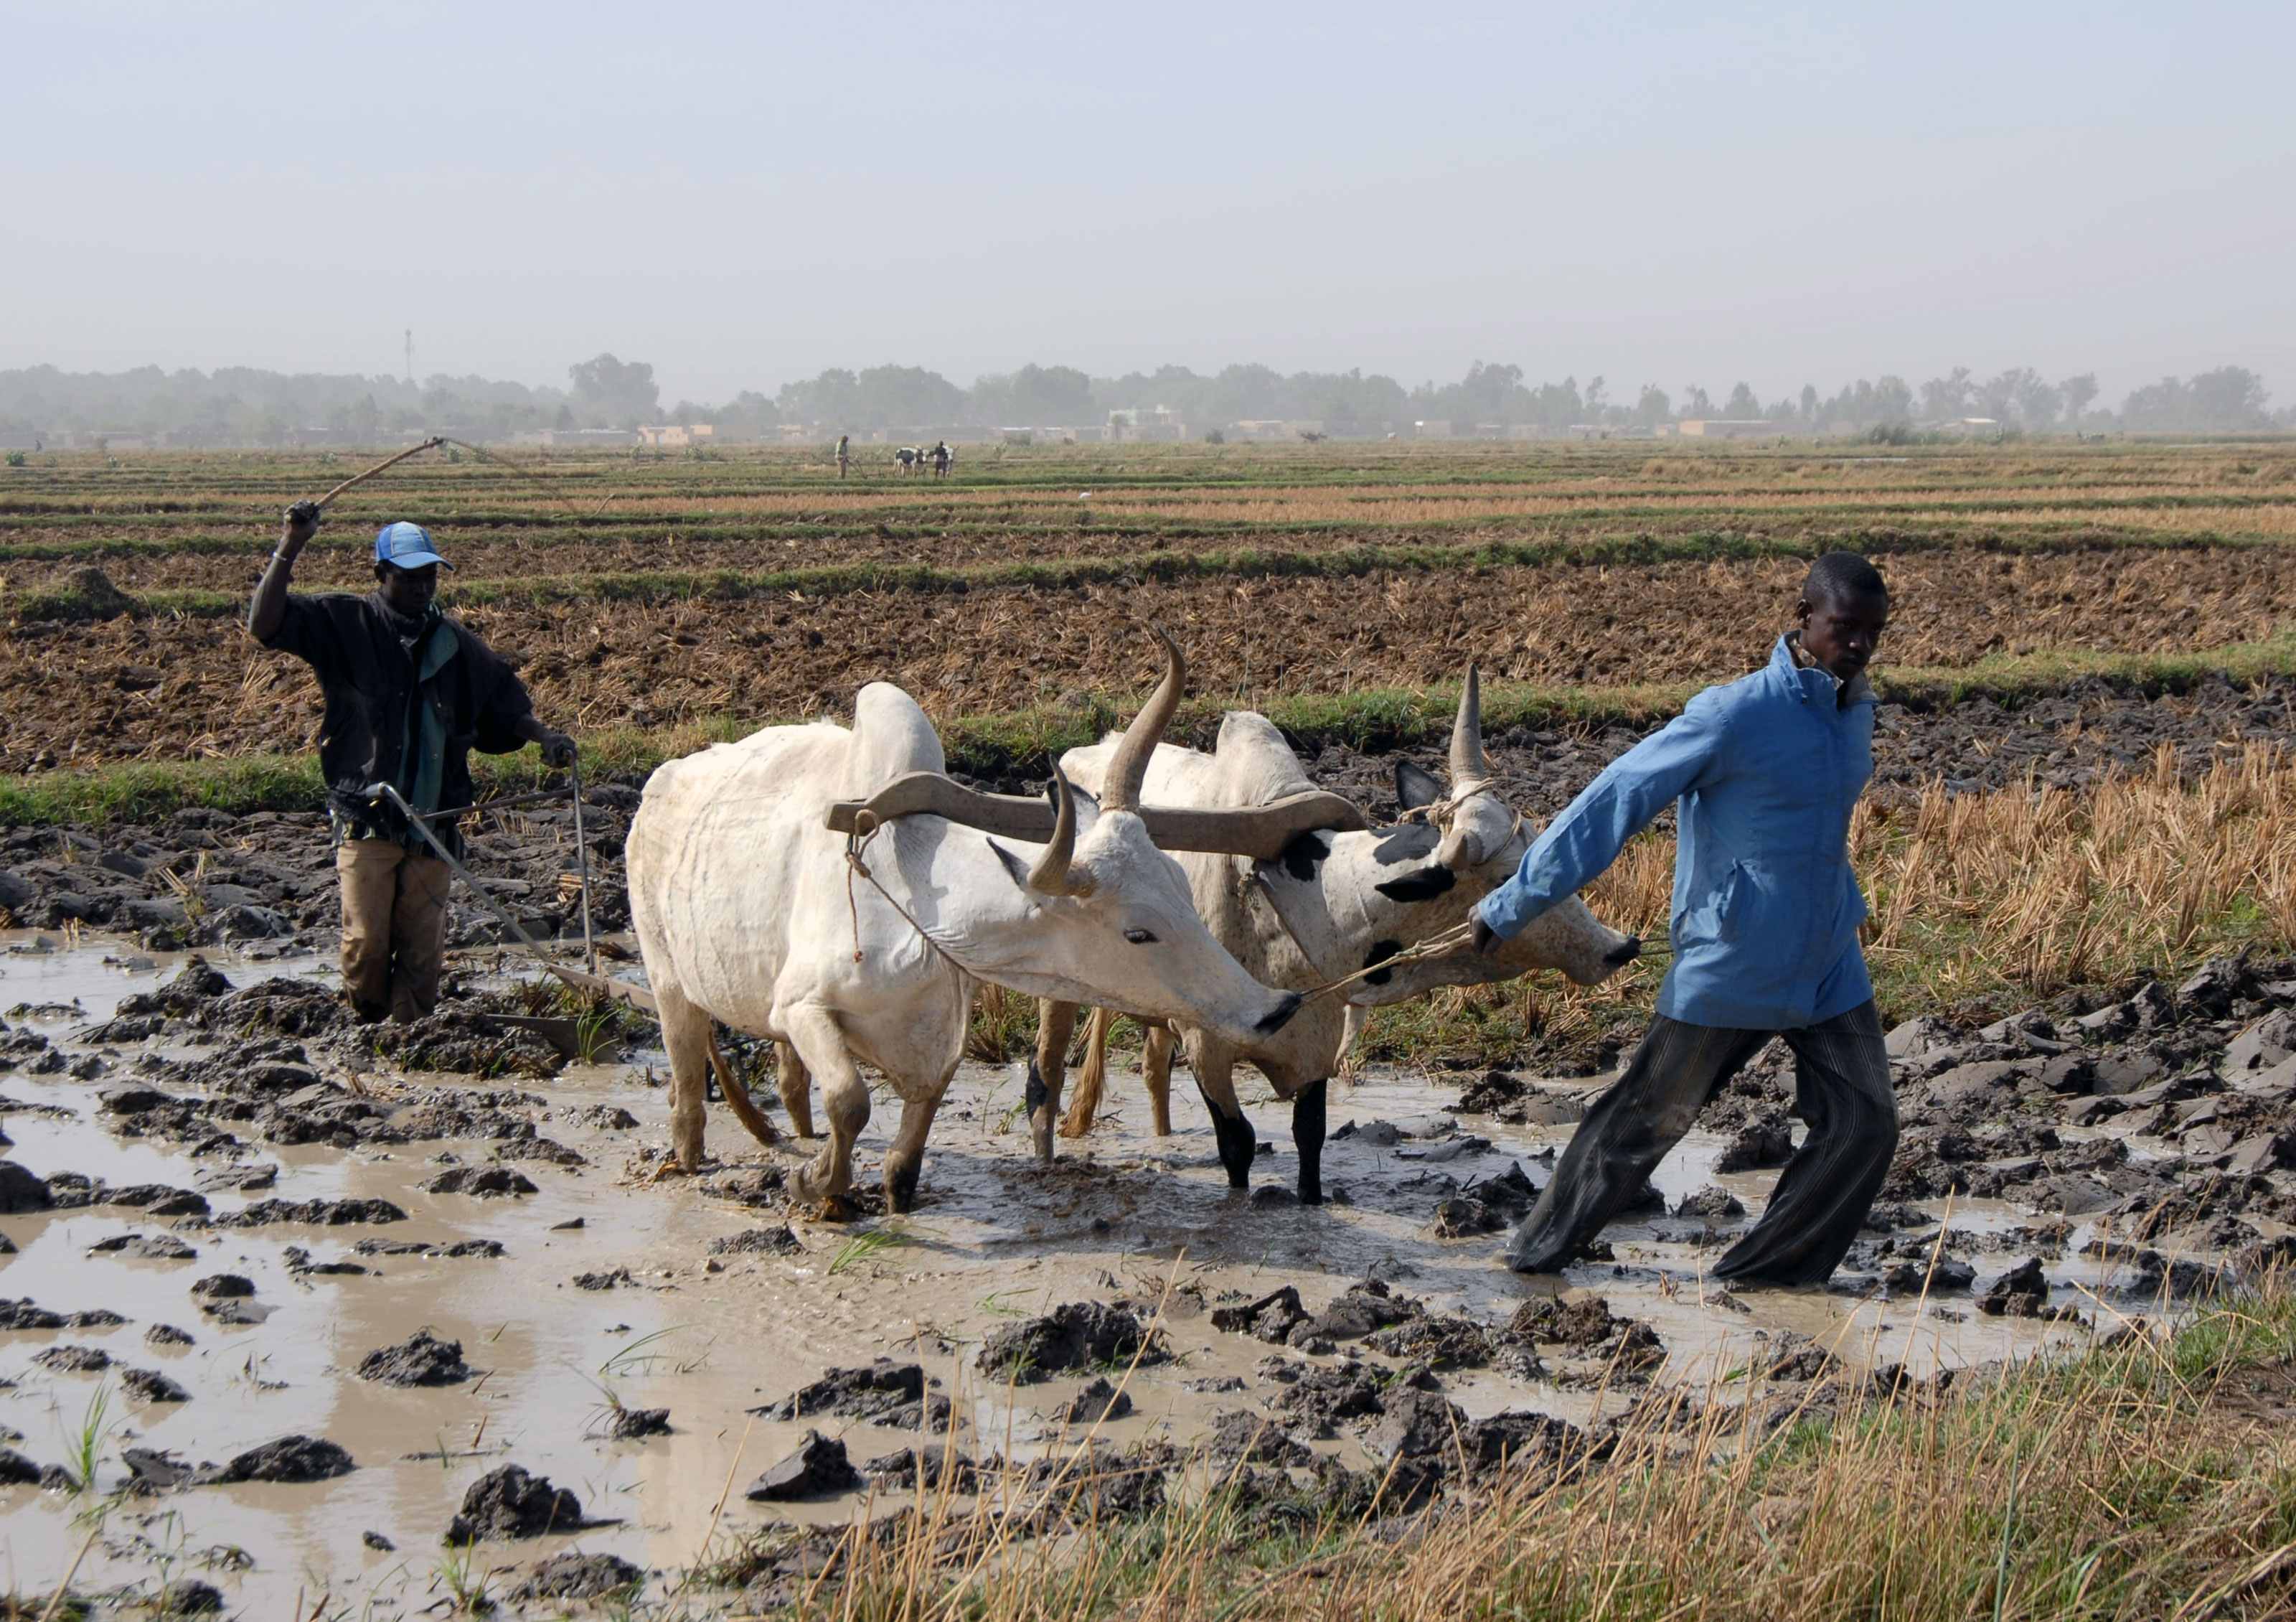 3 bœufs de labour, 200 kg de semences de qualité et 5 formations